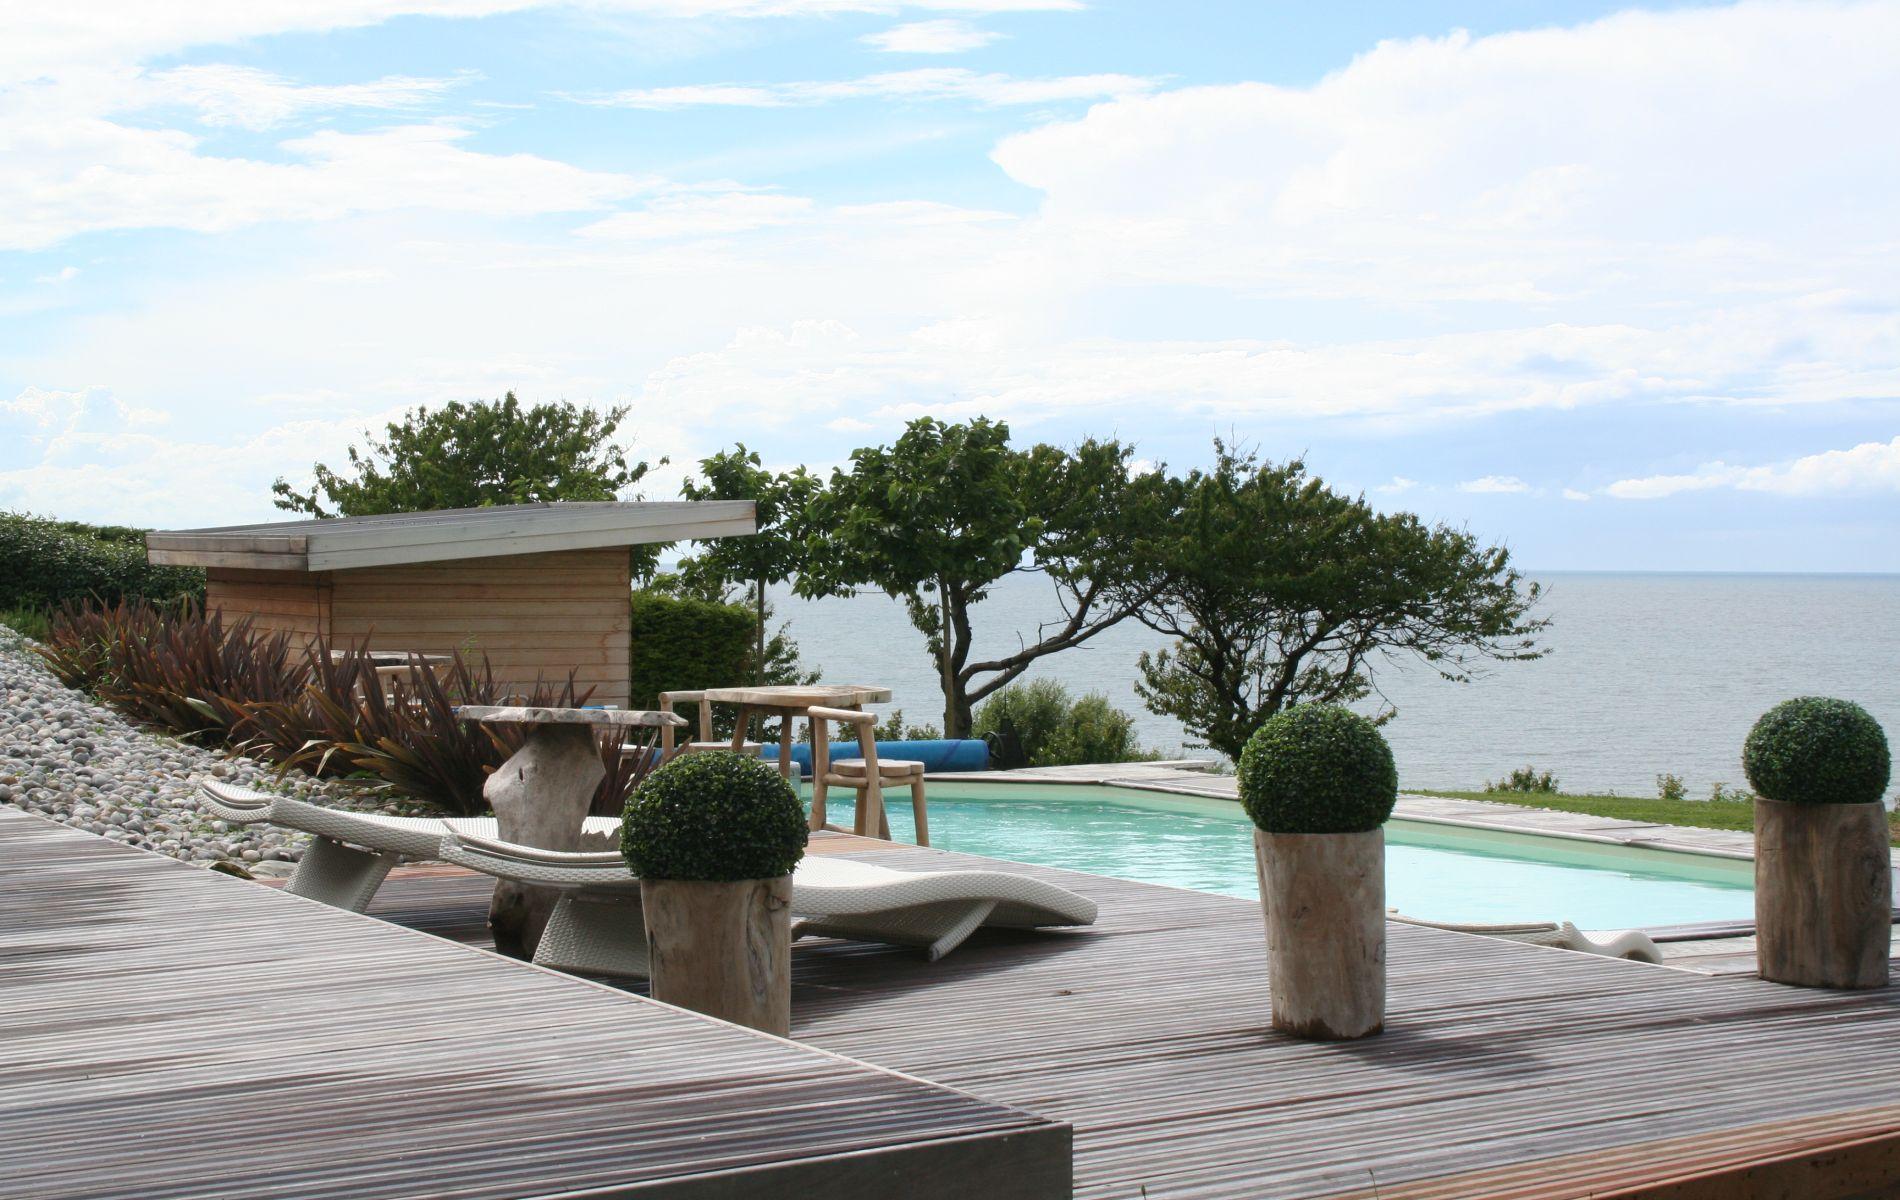 Maison d hote honfleur avec piscine ventana blog - Chambres d hotes deauville et environs ...